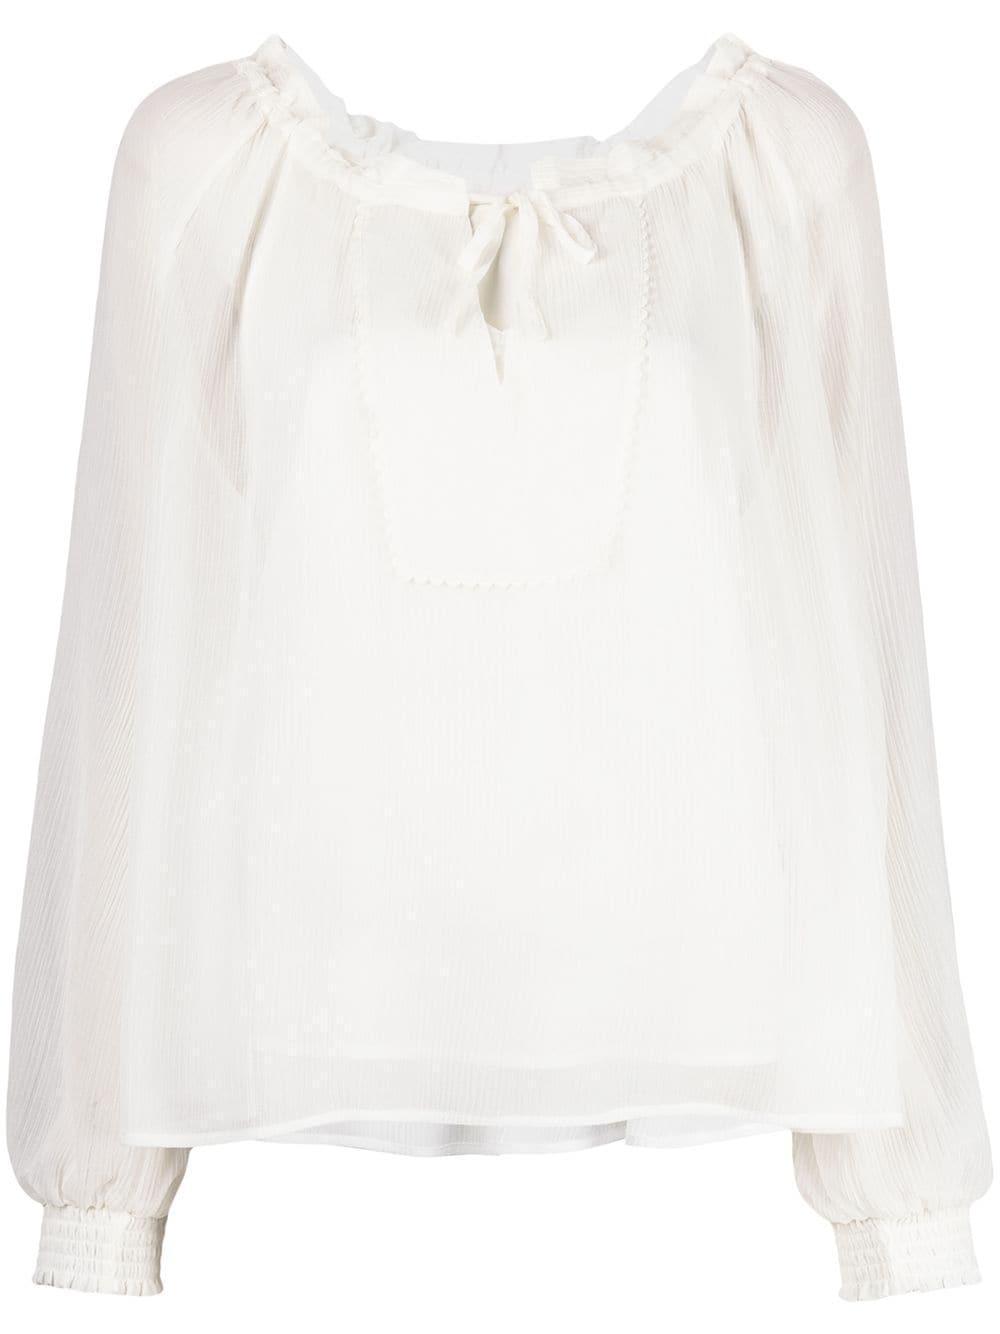 Tie Neck Long Sleeve Blouse Item # CHS21SHT52031